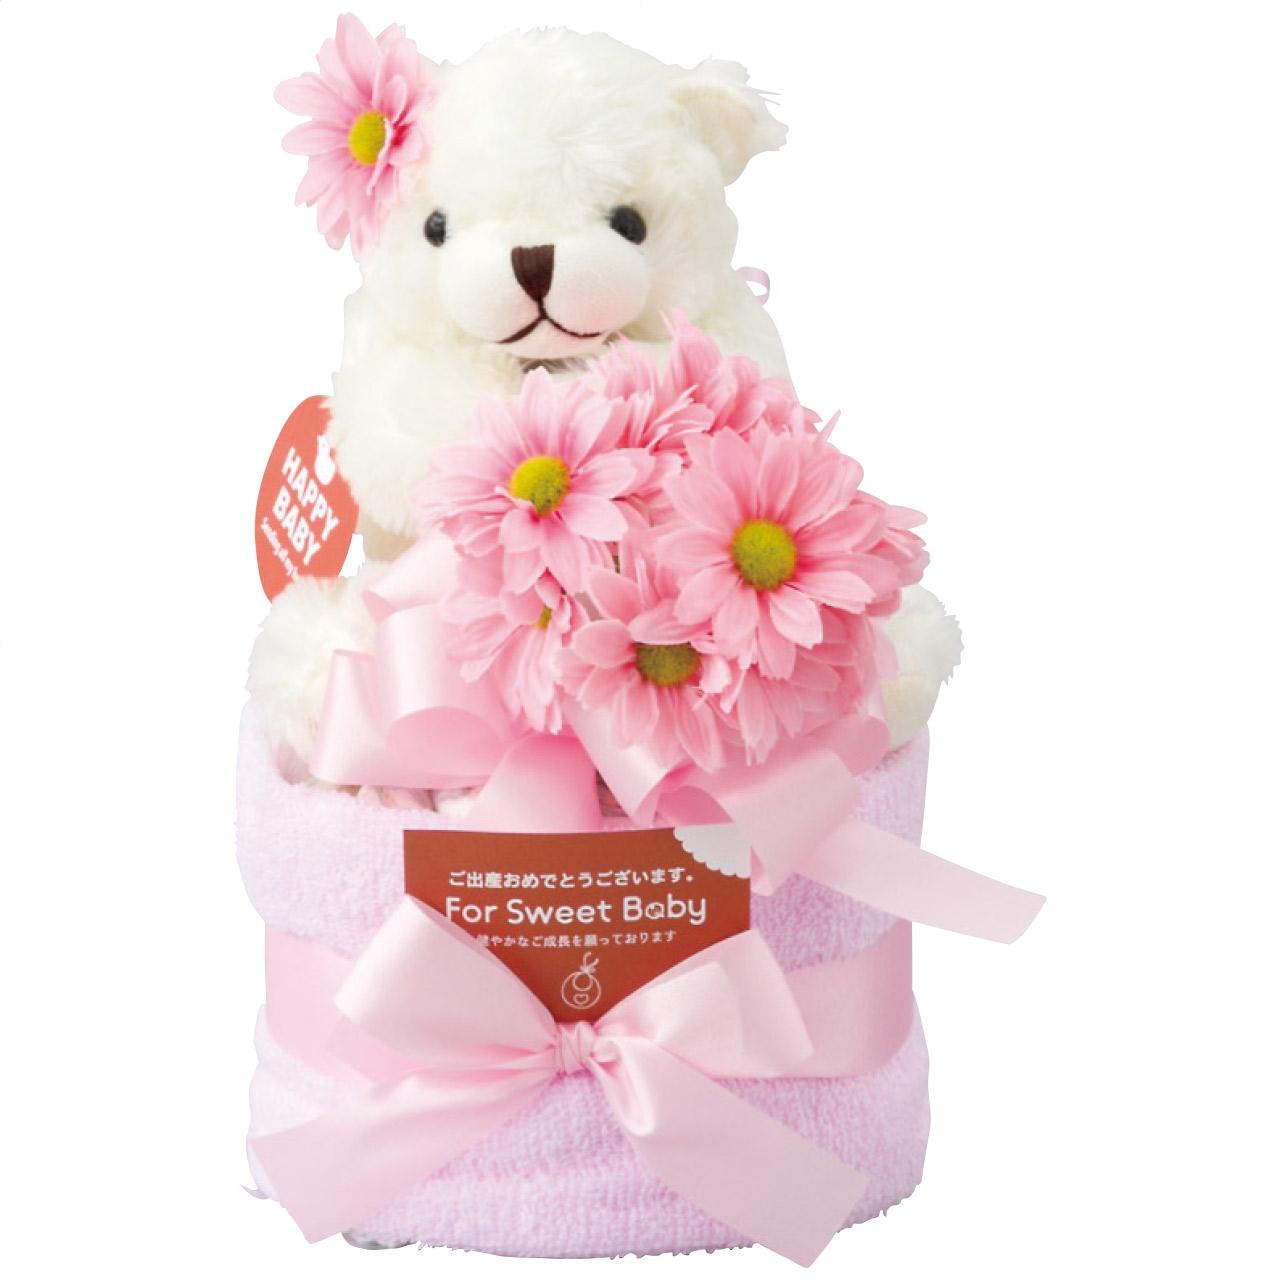 おむつケーキ 1段 ピンク 赤ちゃん 出産 お祝 ケーキ